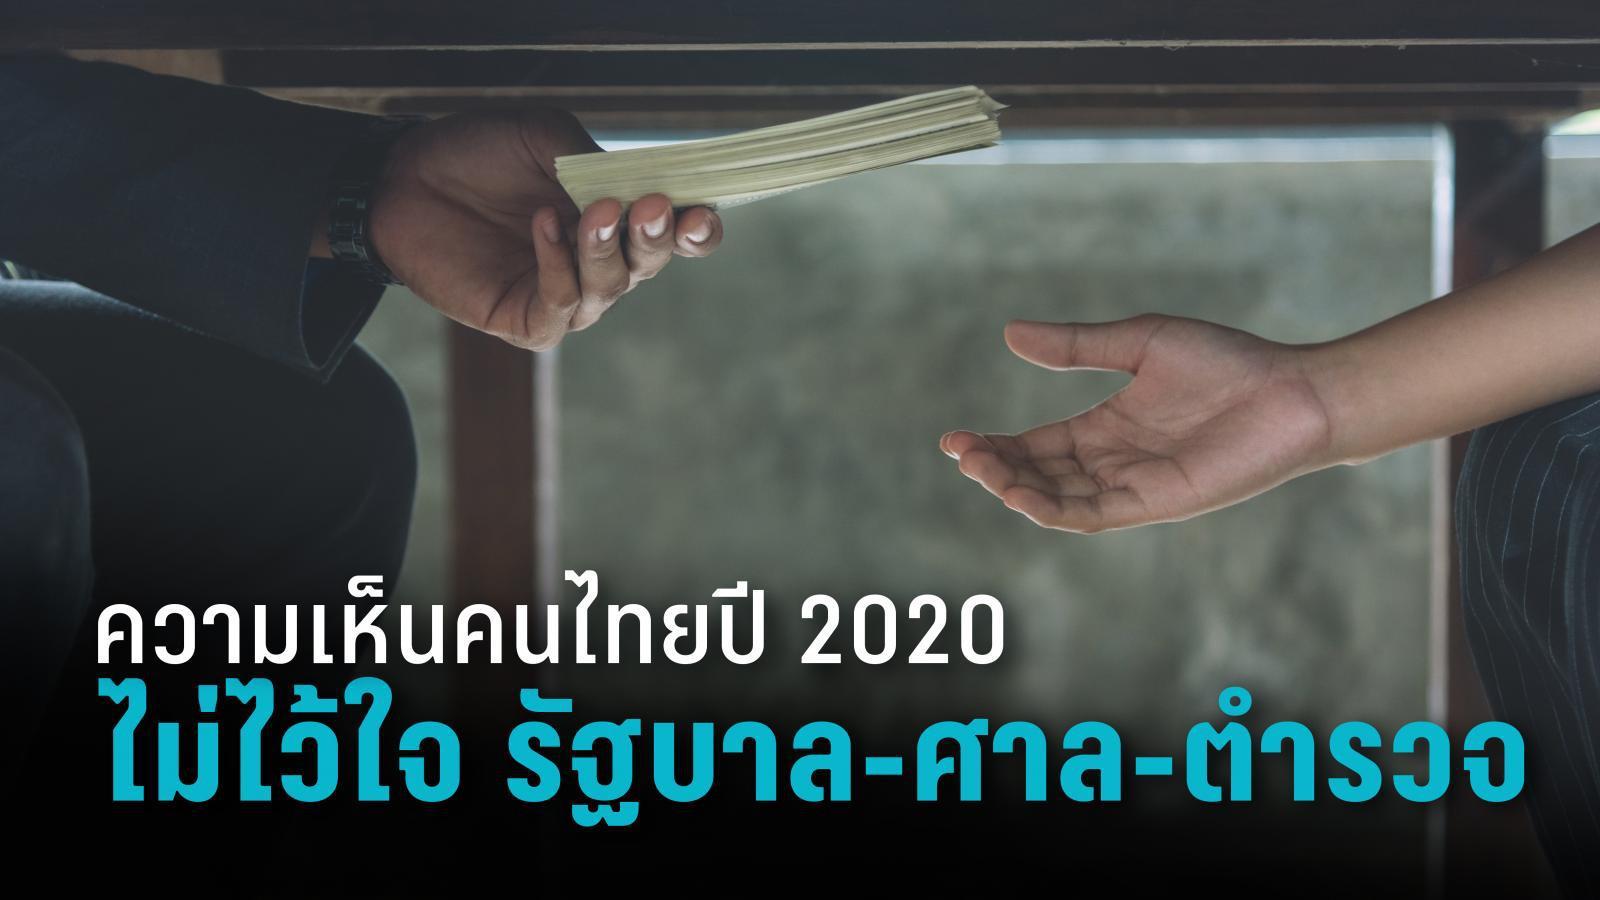 """ความเห็นคนไทยปี 2020 """"ไม่มีความไว้วางใจในตัวรัฐบาล-ศาล-ตำรวจ"""""""